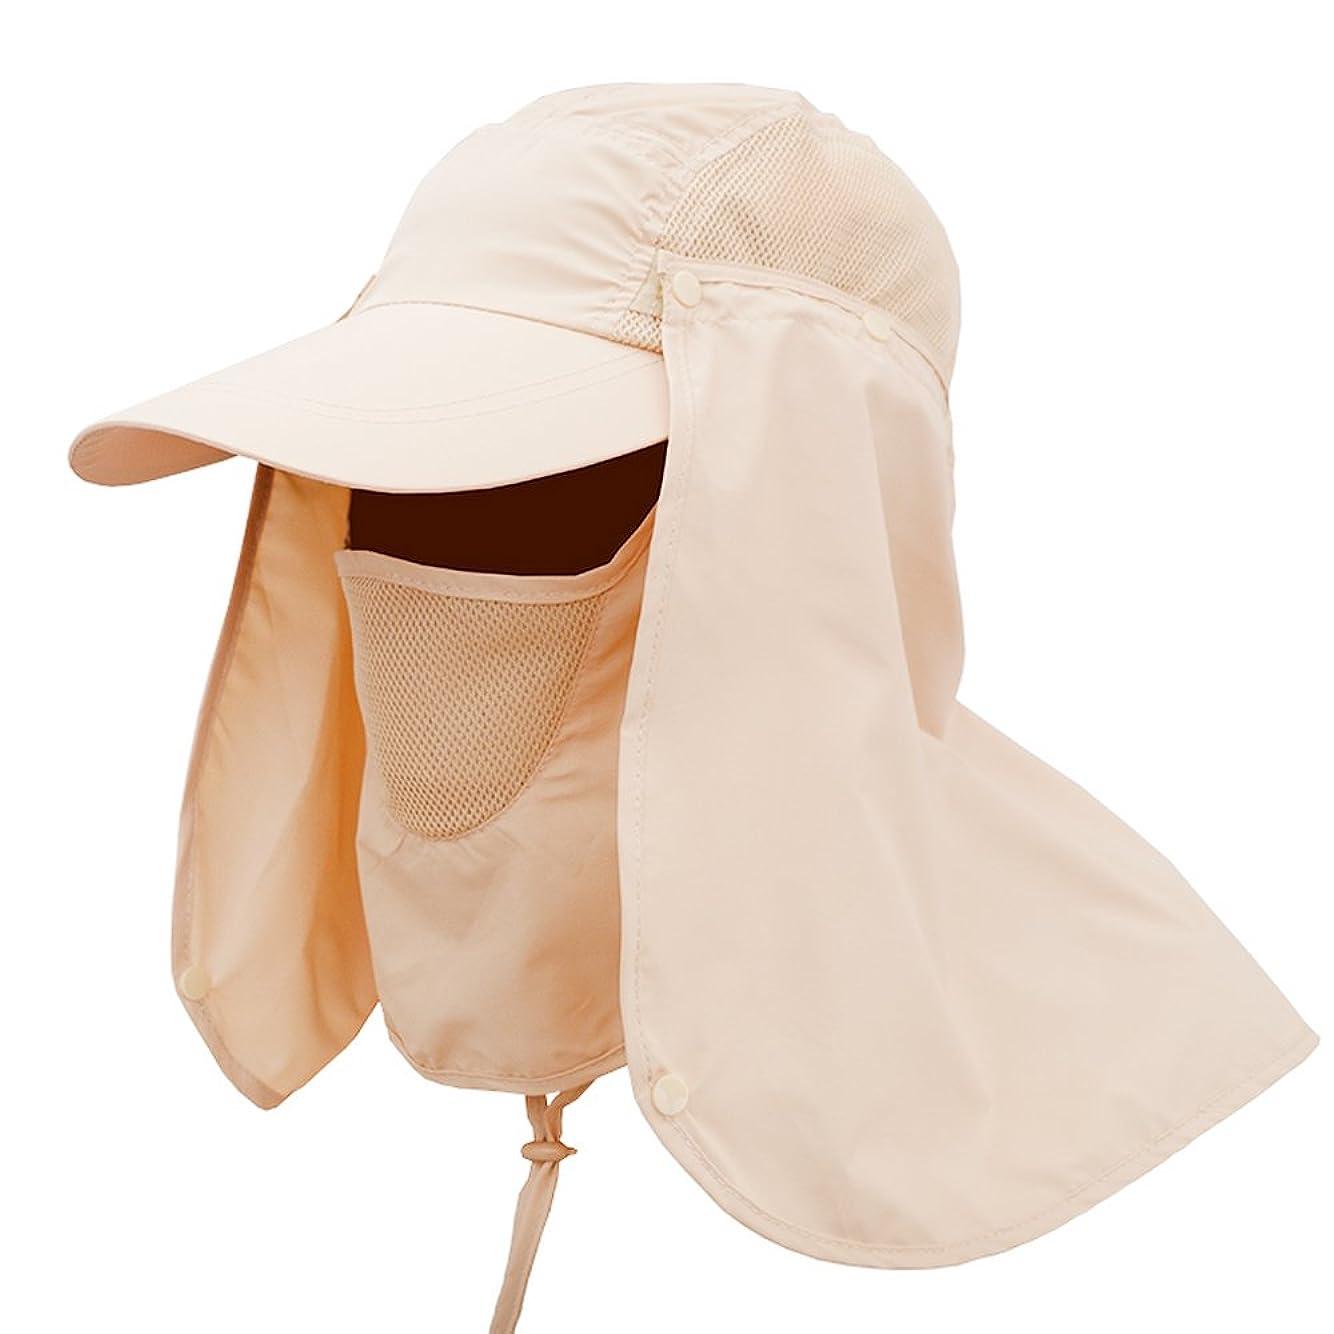 疑問を超えて慢演劇Ezyoutdoorクイックドライ通気性アウトドア紫外線対策折りたたみ式Wide Brim Sun Hat with Removable Sun Shieldと首のフェイスマスク保護釣り狩猟キャンプ水泳ハイキング